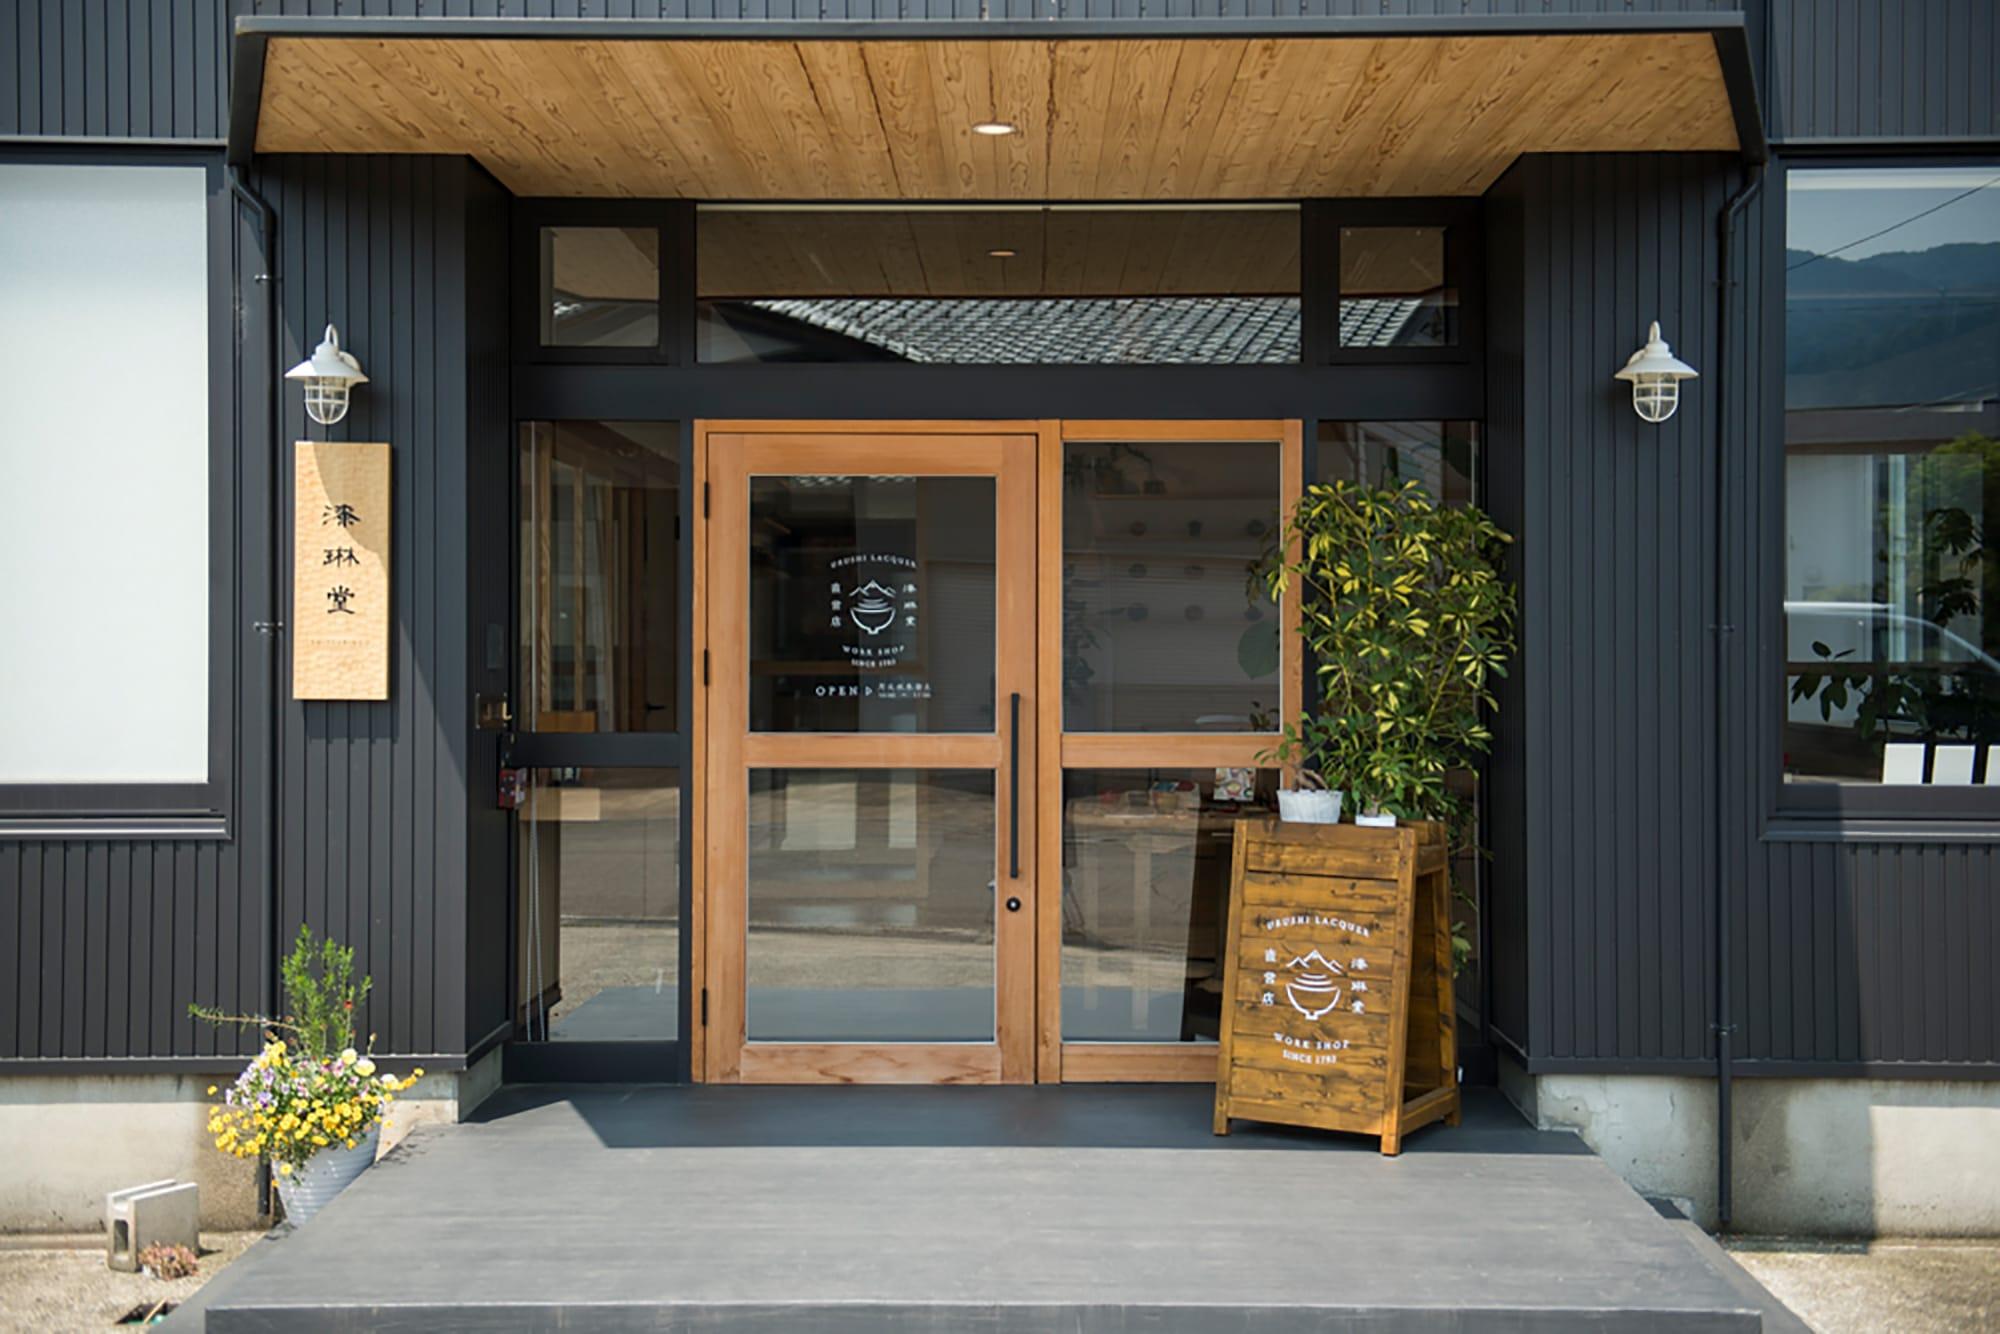 福井県鯖江市にある漆琳堂の直営店。ここはショップ、ショールーム、ワークショップがあり、工房見学も行っている。